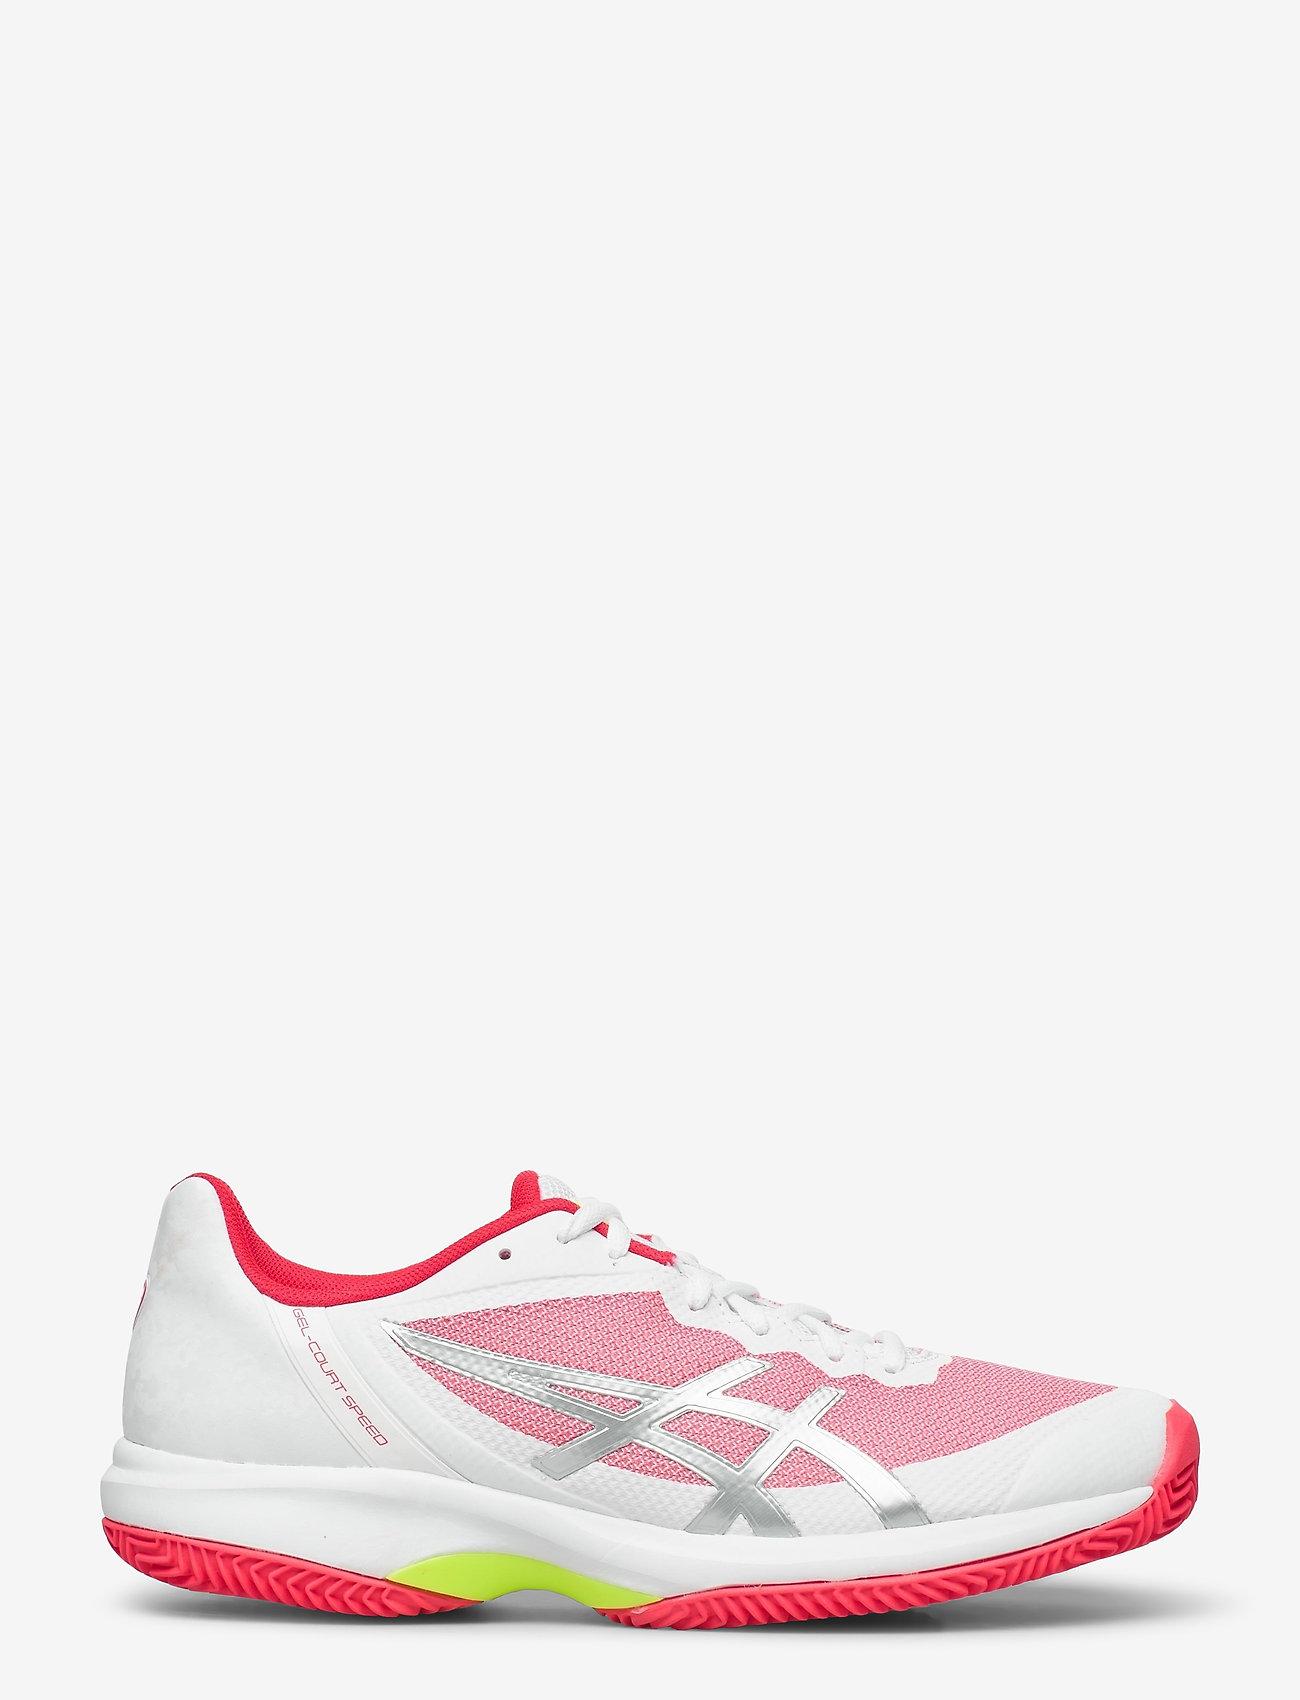 Asics - GEL-COURT SPEED CLAY - ketsjersportsko - white/laser pink - 0